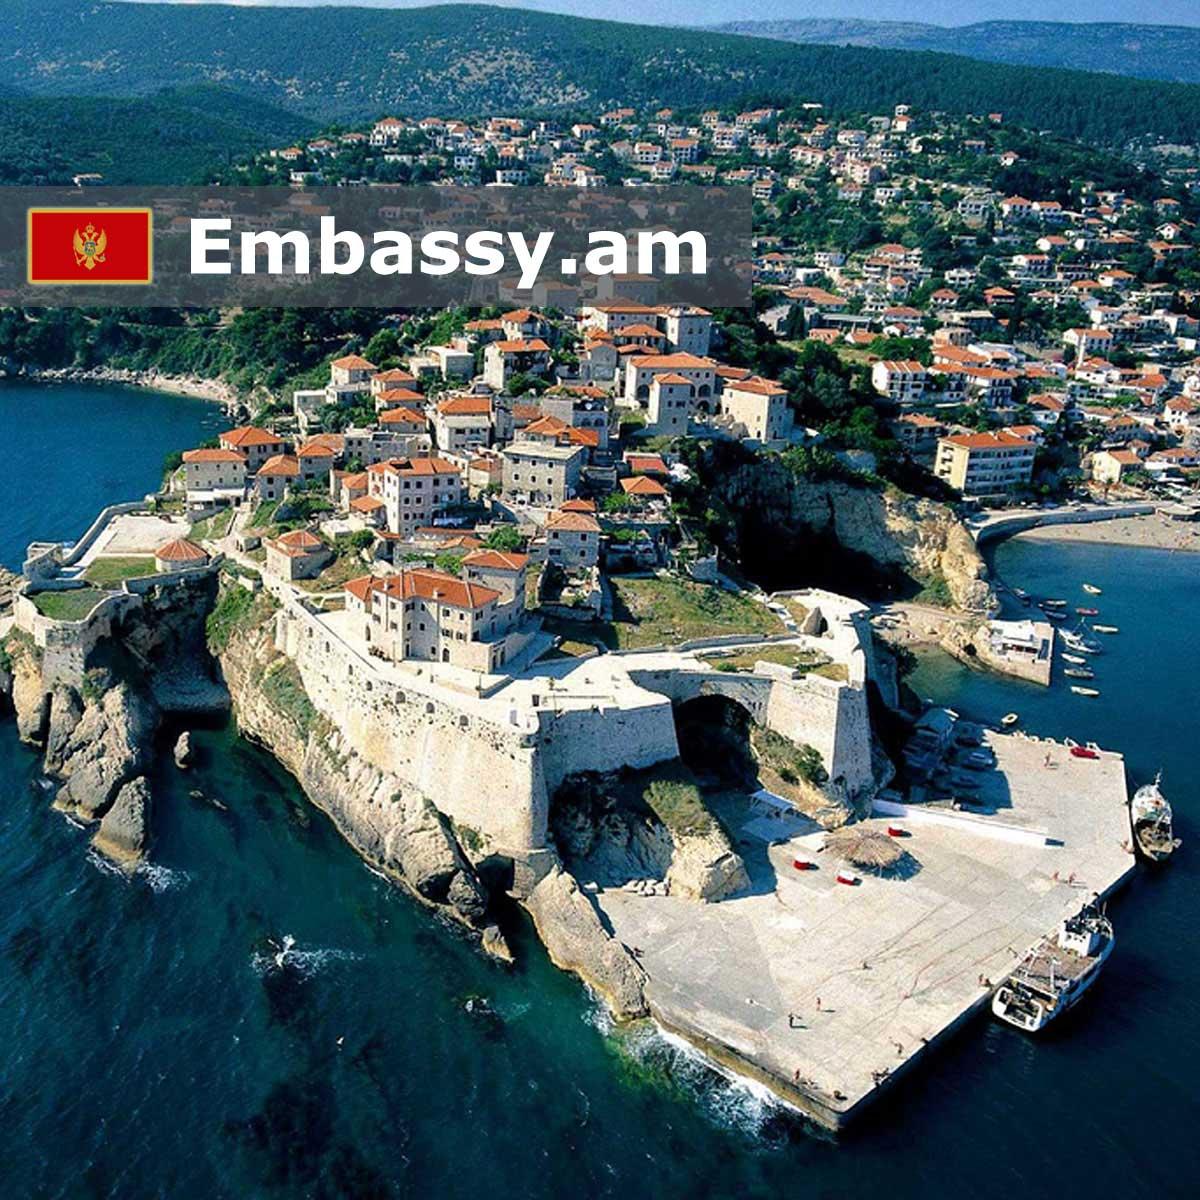 Улцинь - Отели в Черногории - Embassy.am